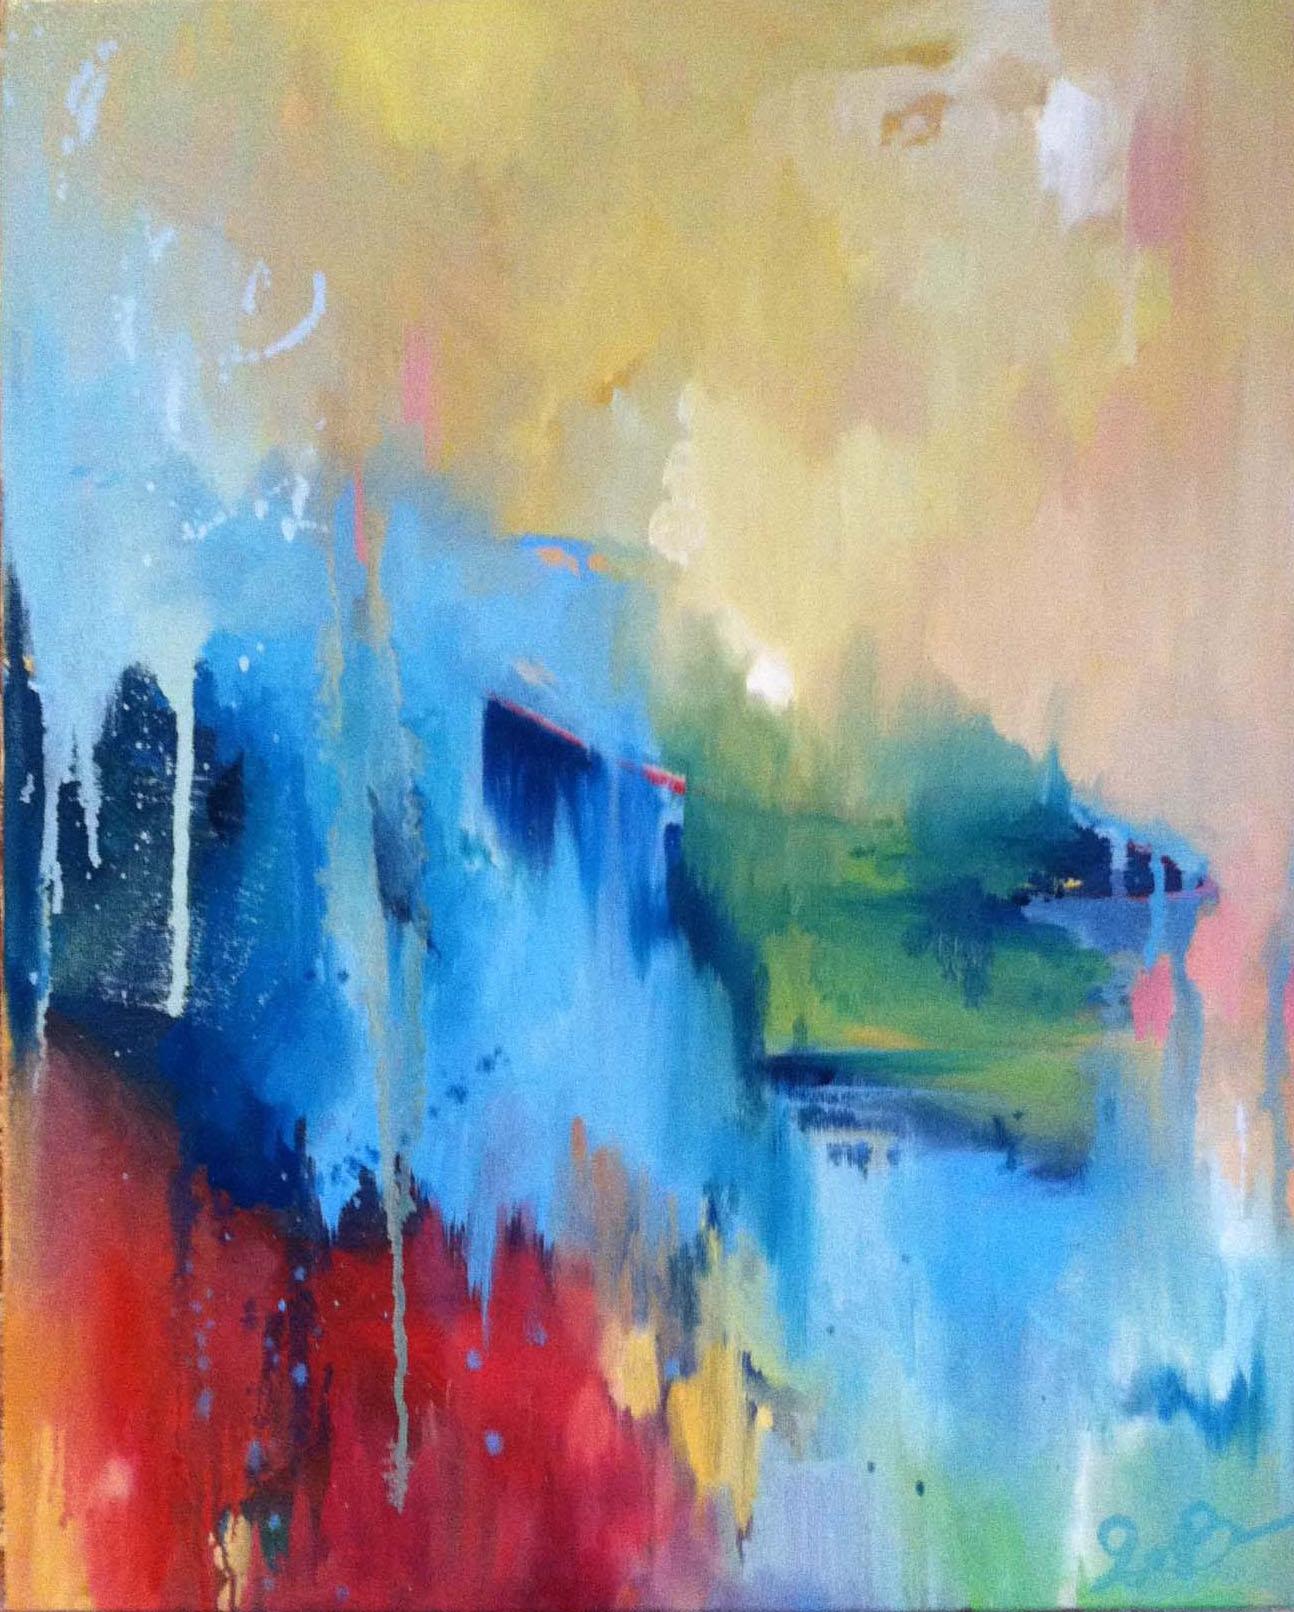 'Ocean Window', oil on canvas - SOLD